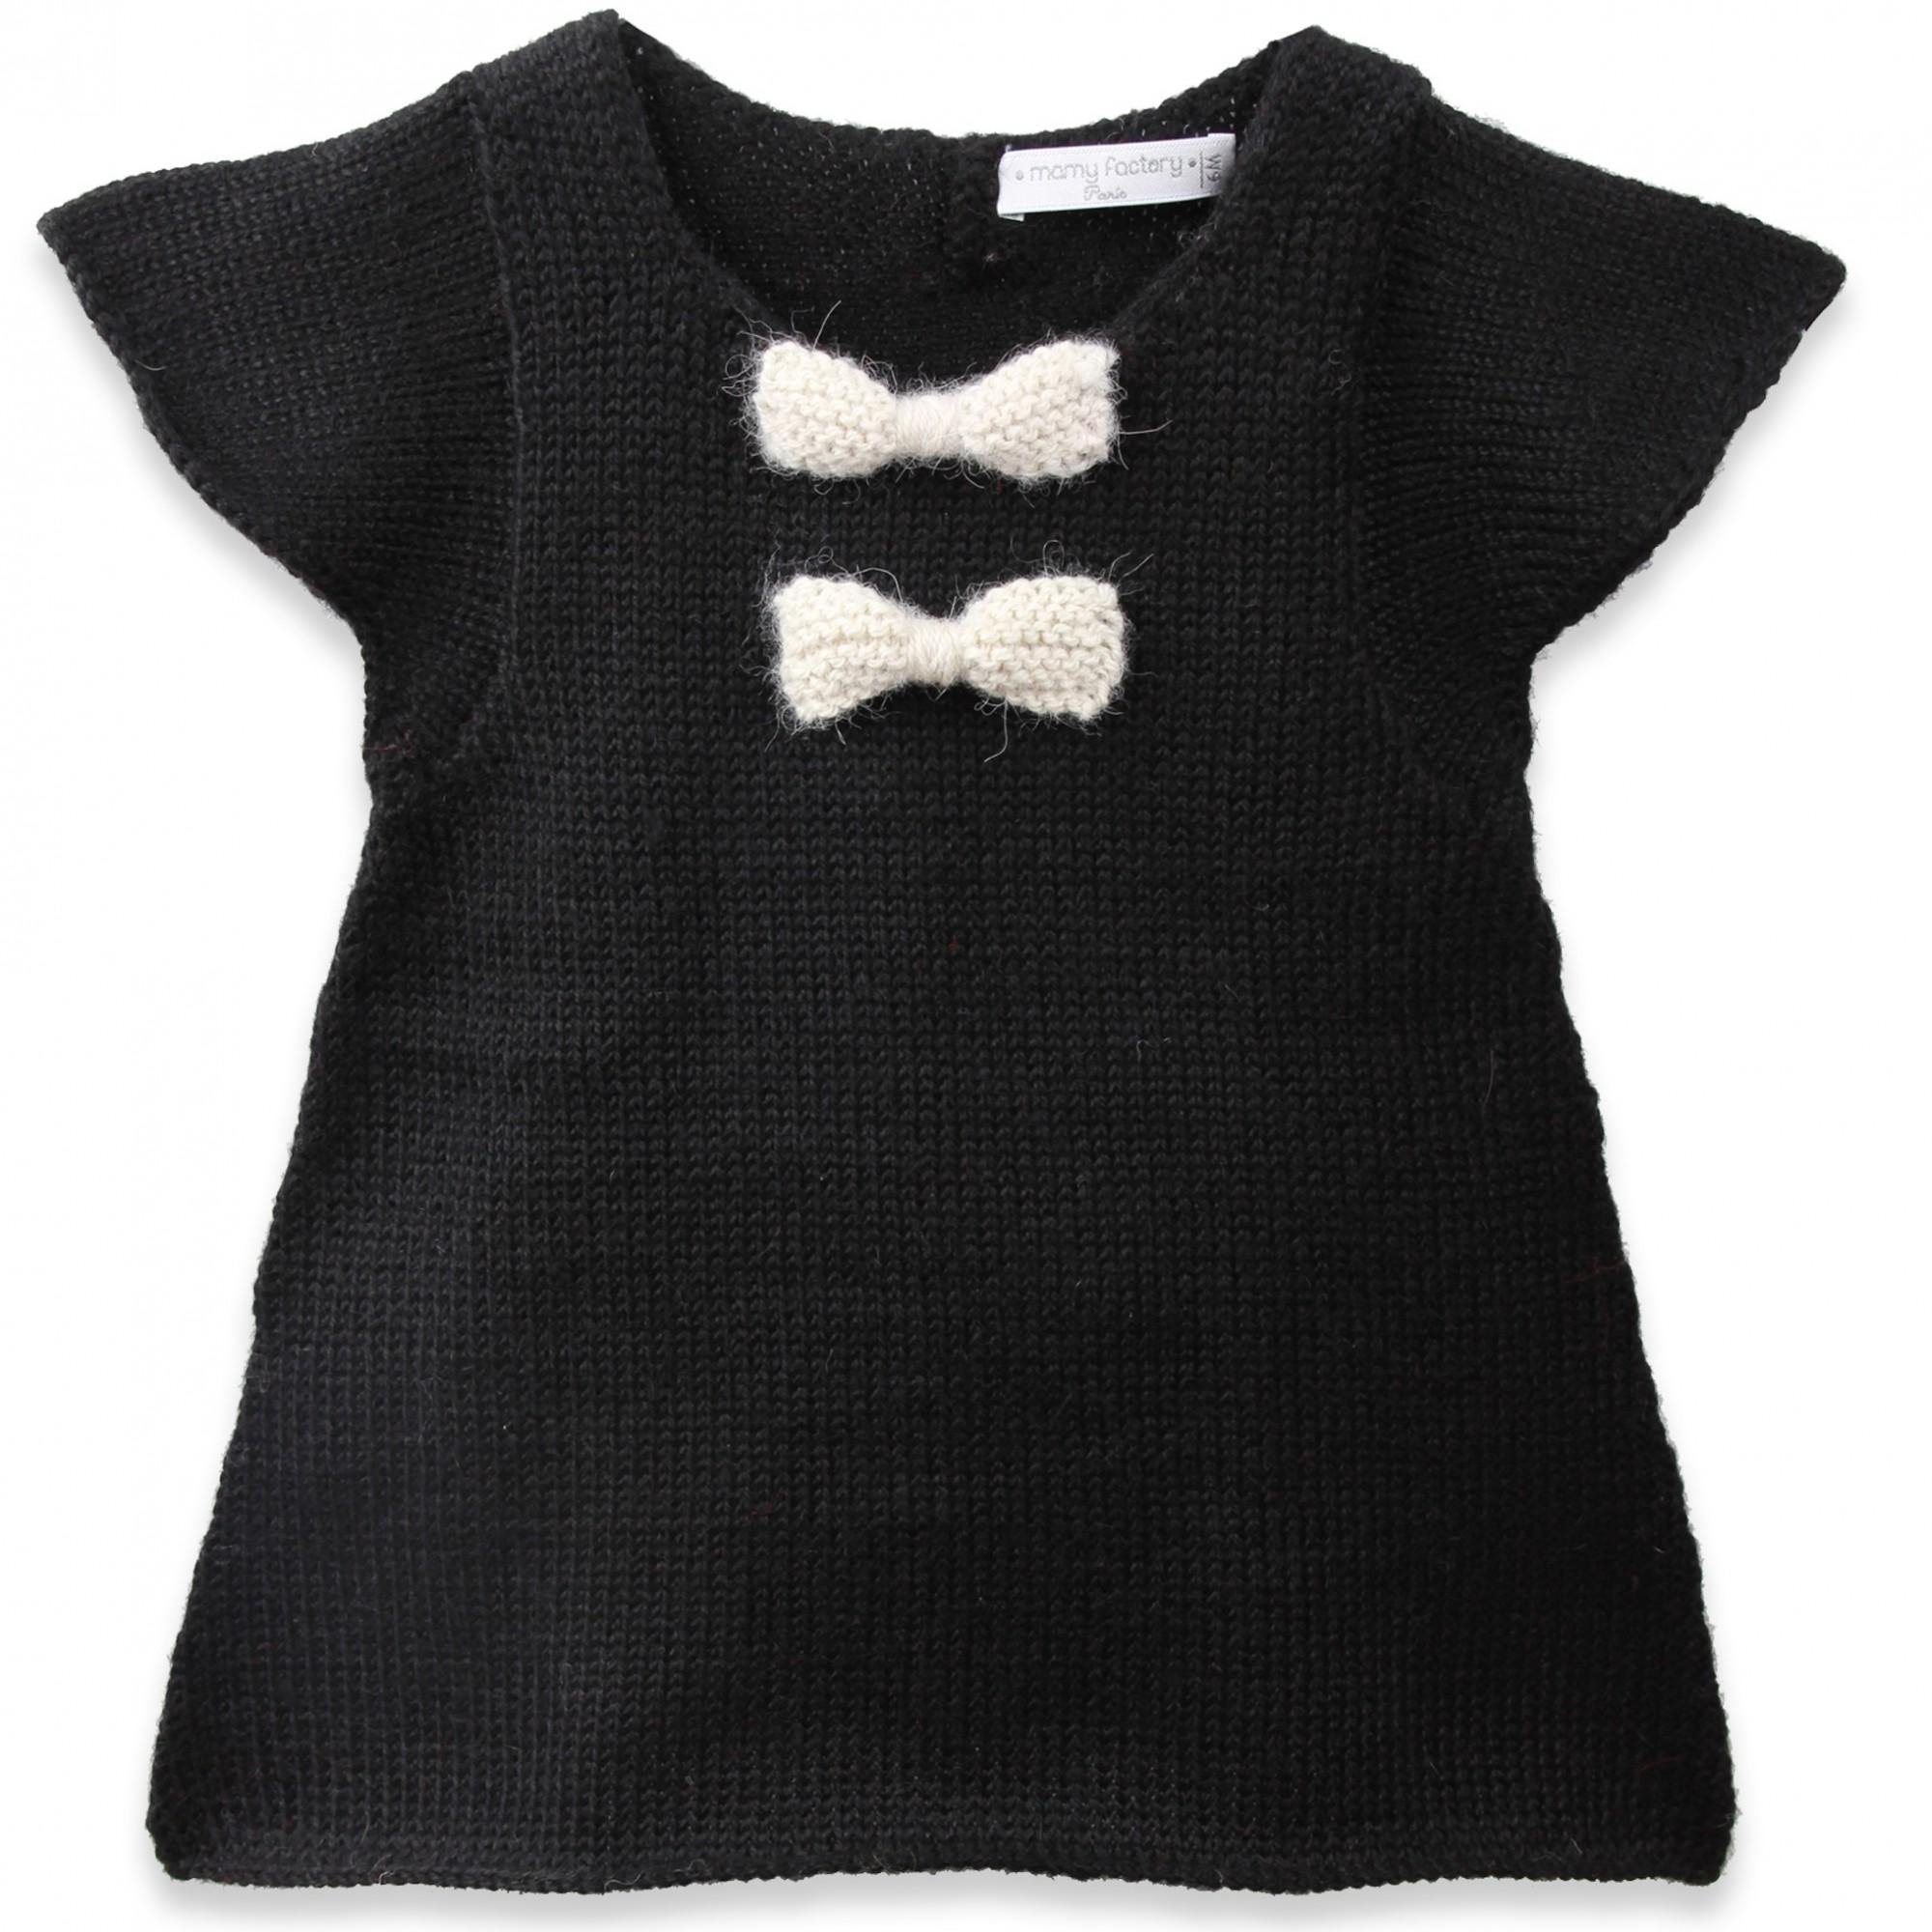 tricoter une robe en laine pour bebe